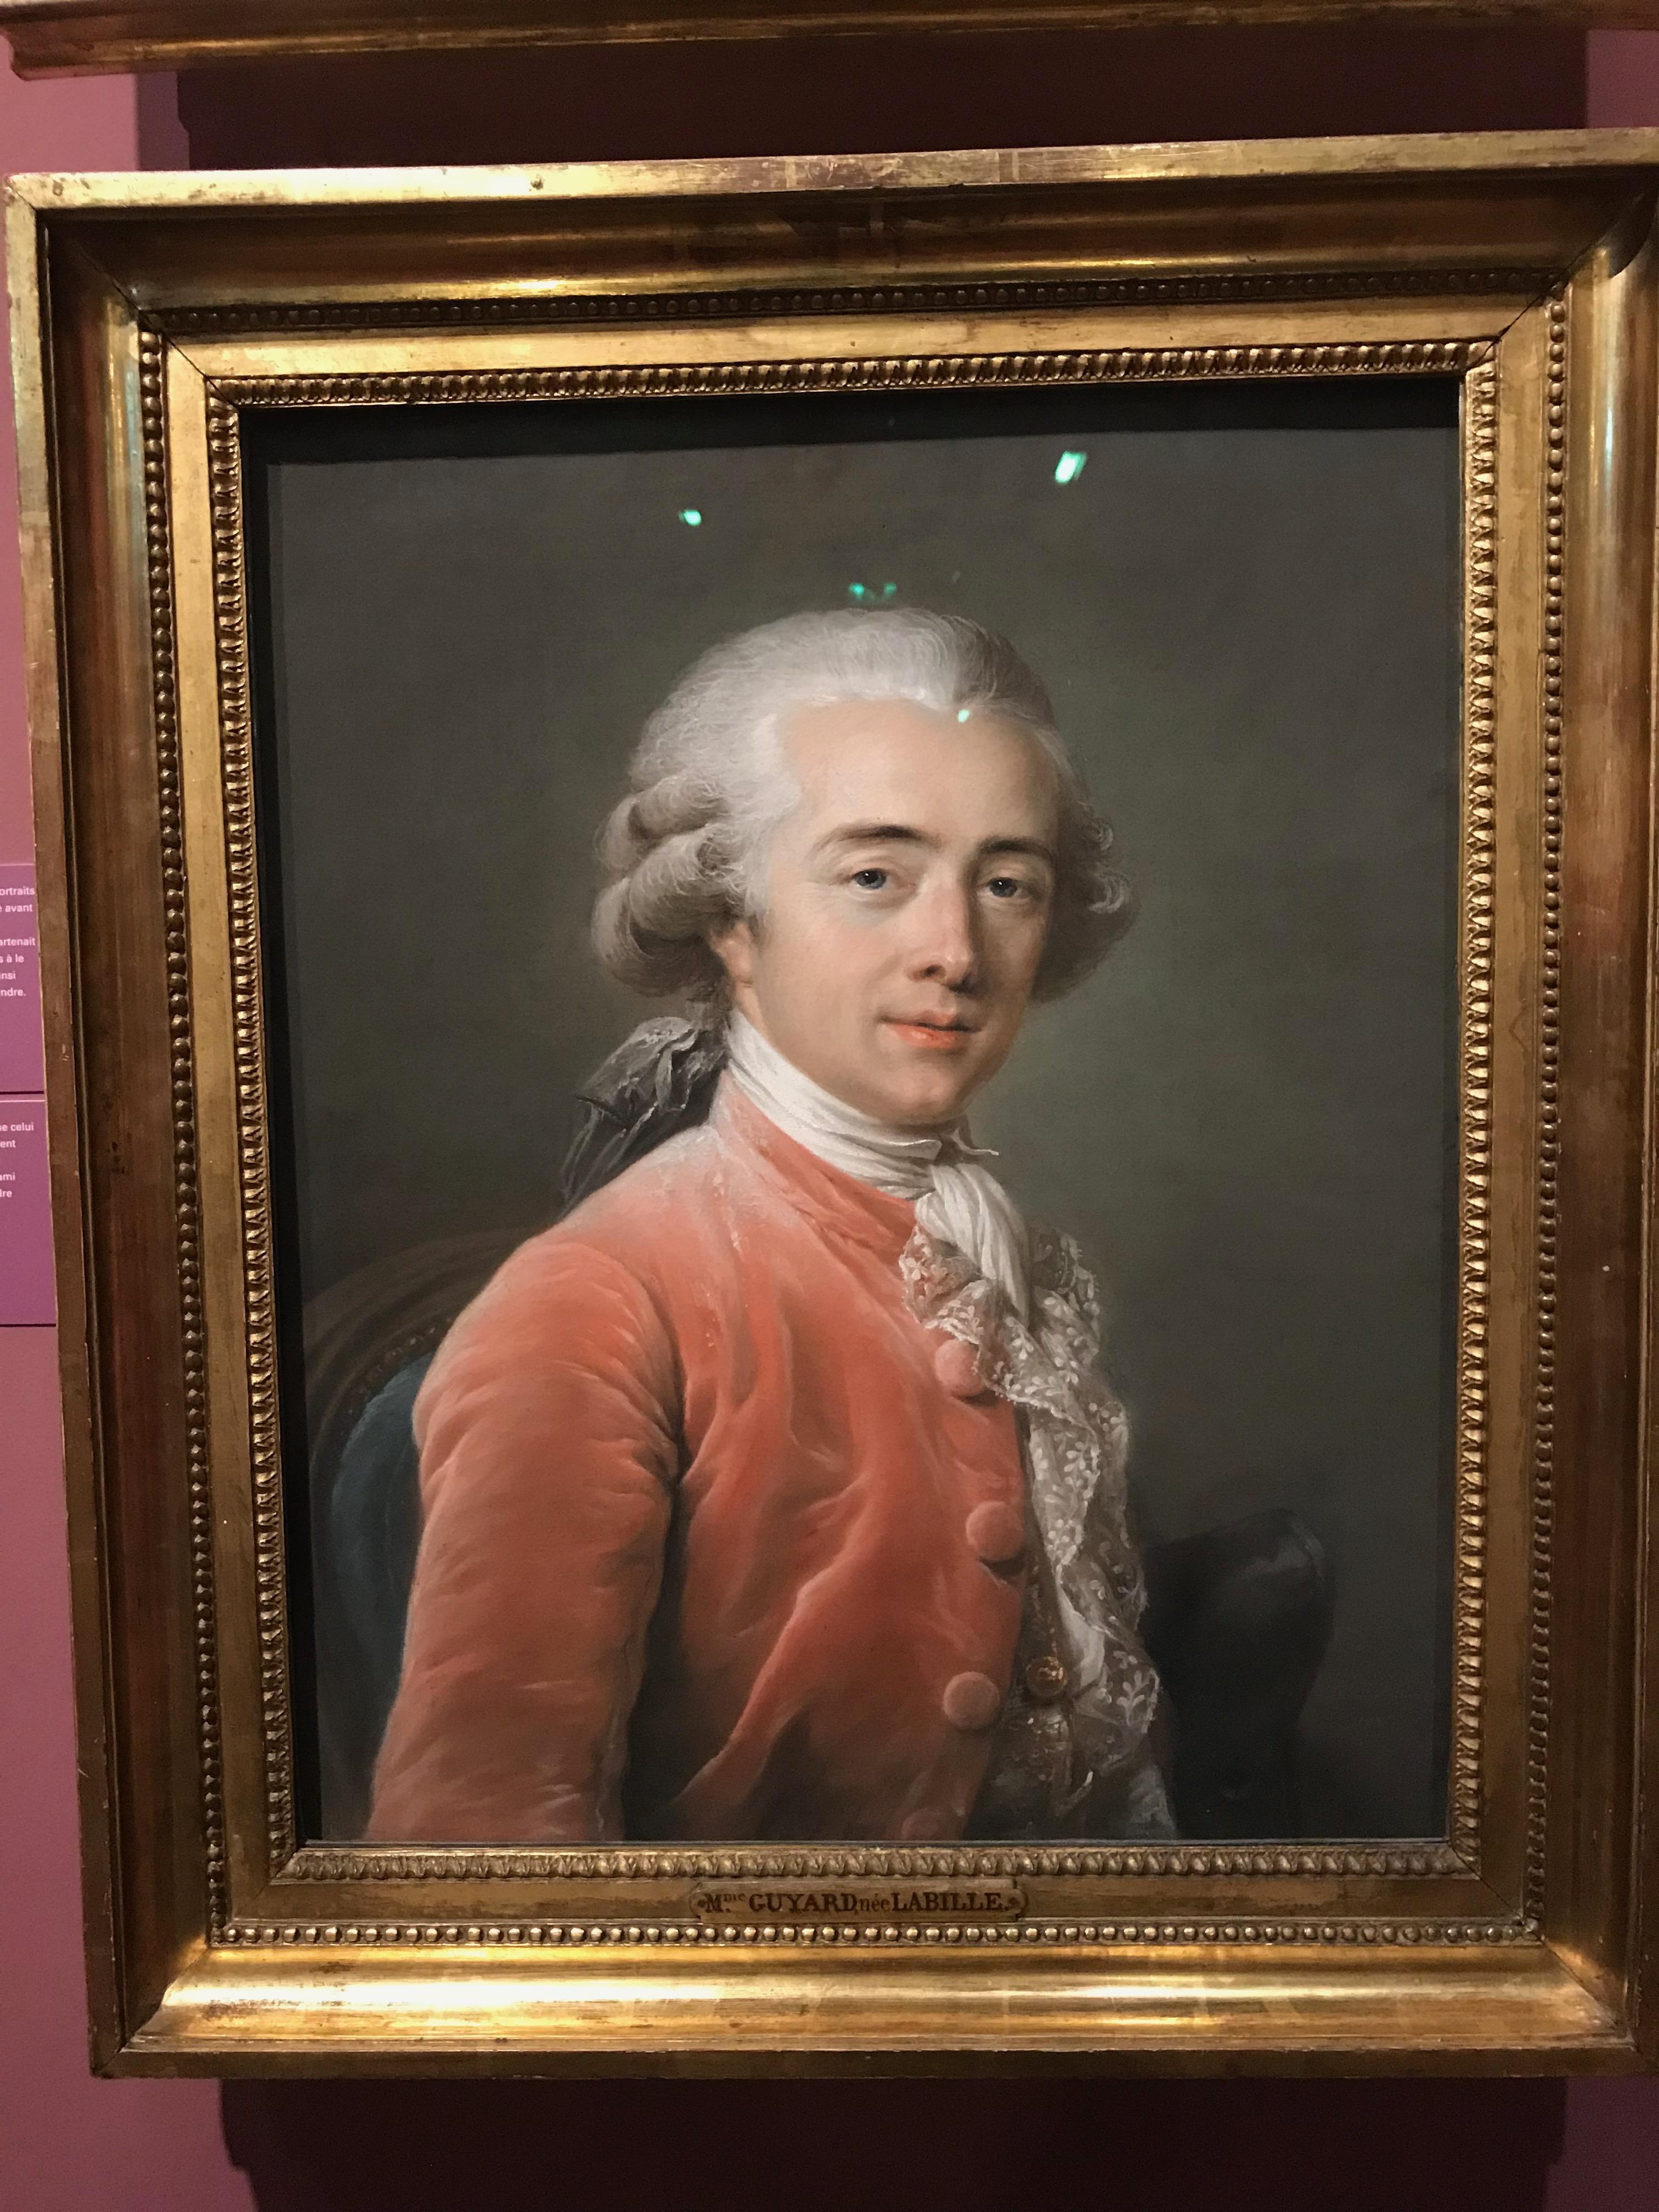 Pastels, l'exposition au musée du Louvre Img_6216